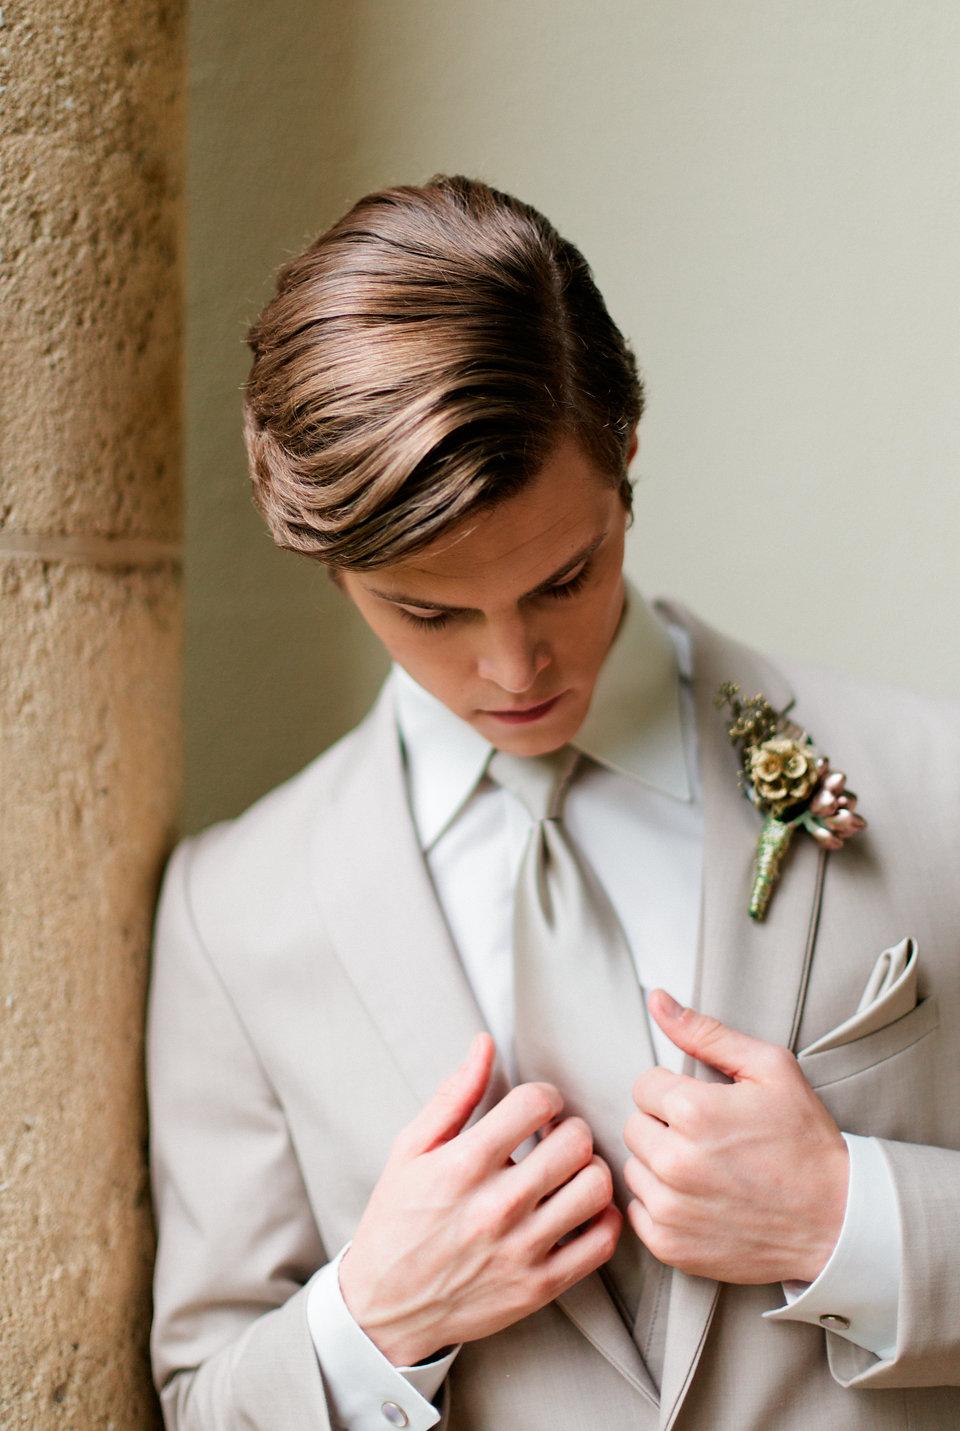 winsor event studio groom kahki tan suit